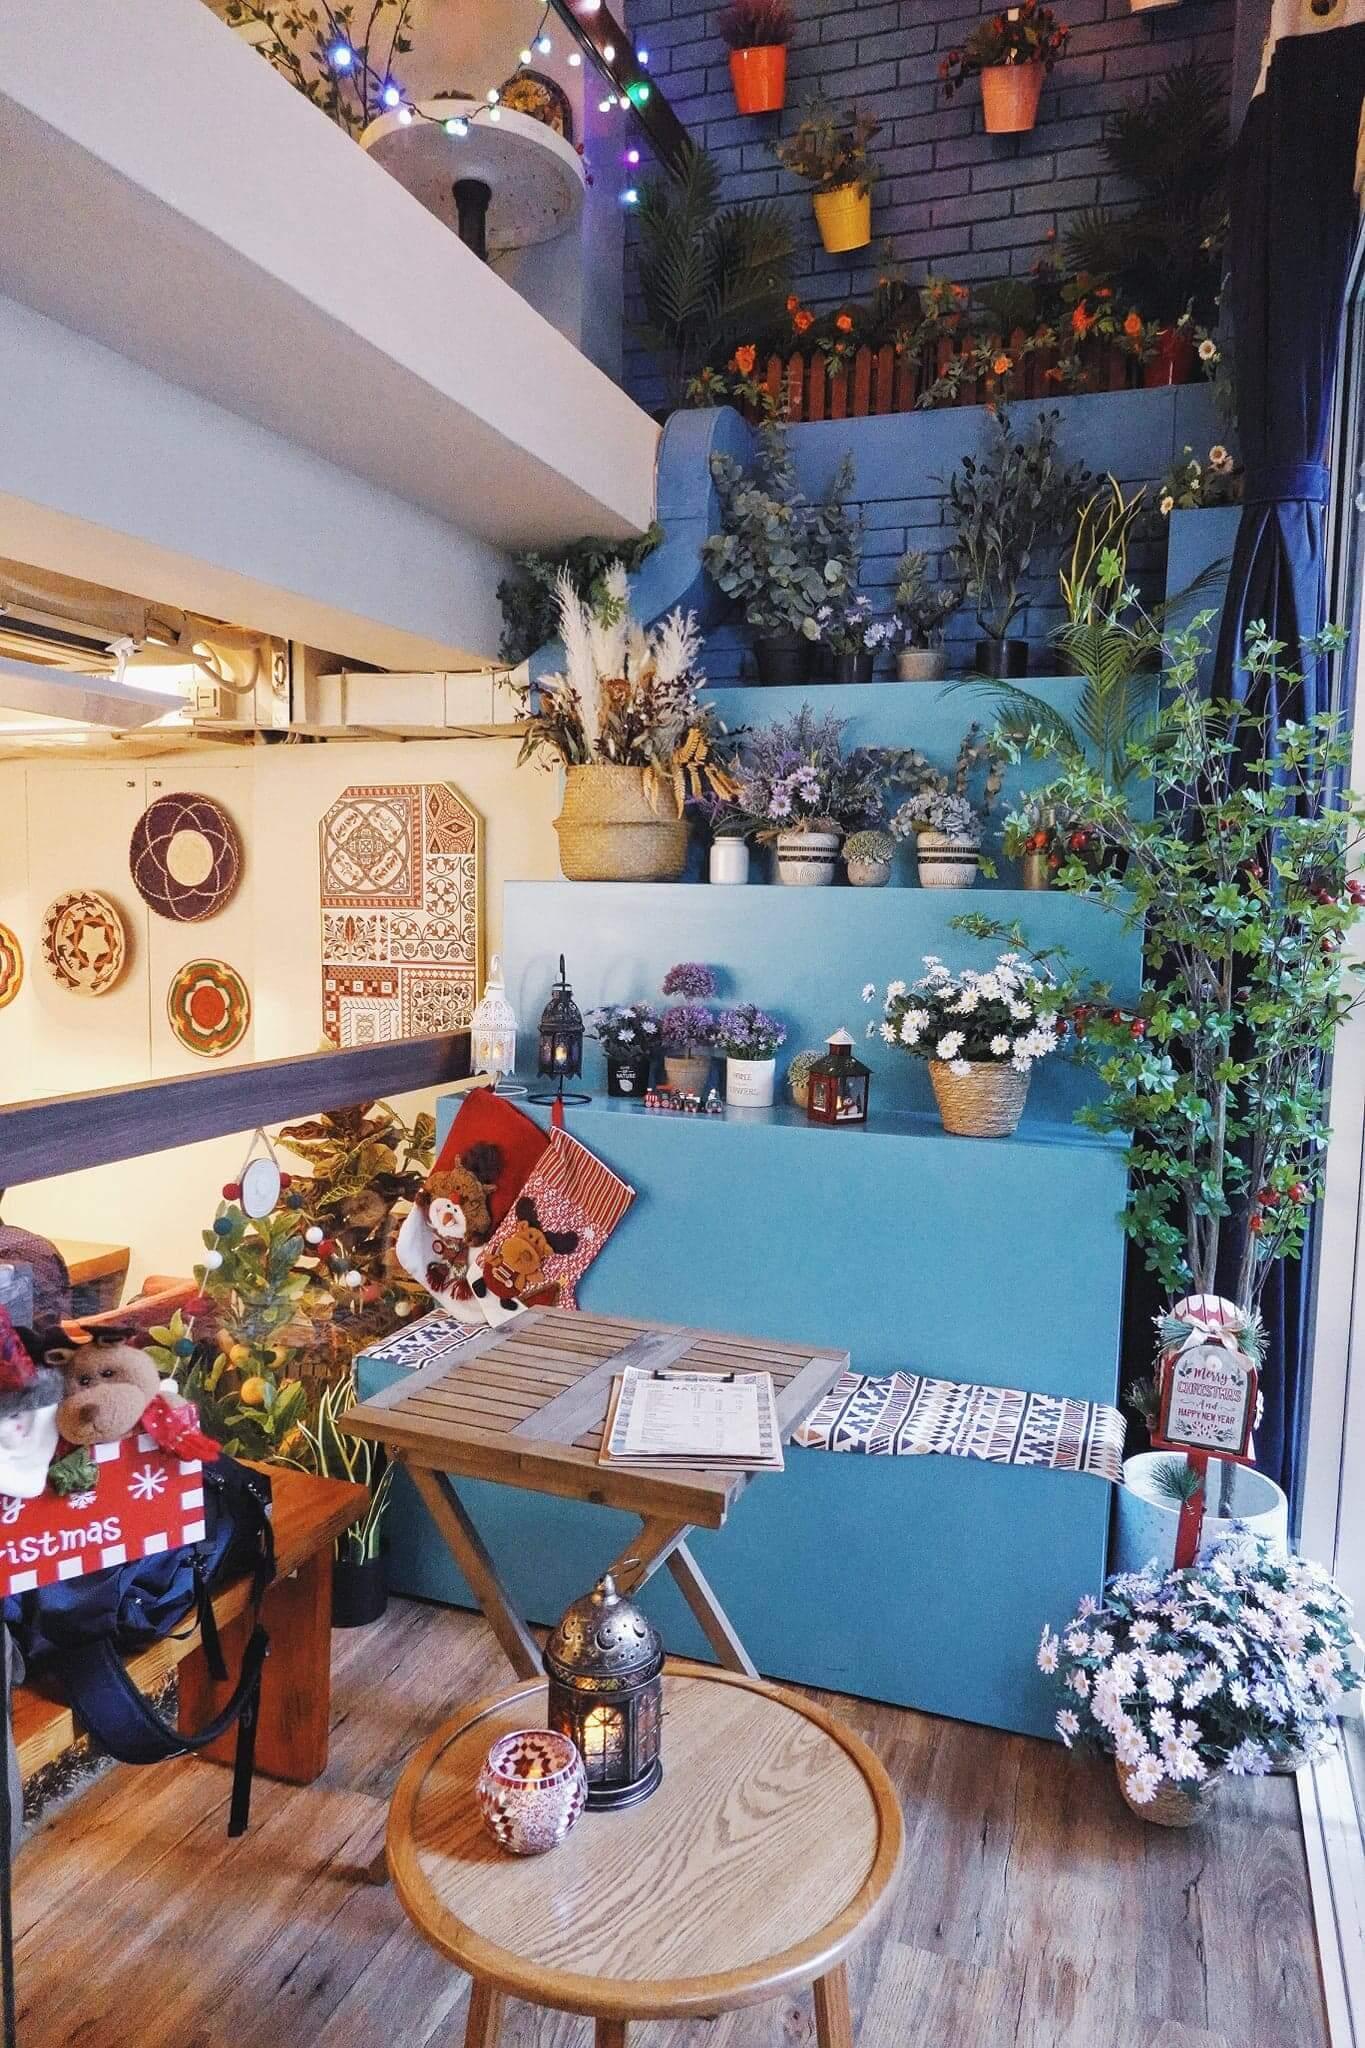 一樓比較偏摩洛哥風,以藍色為主調。